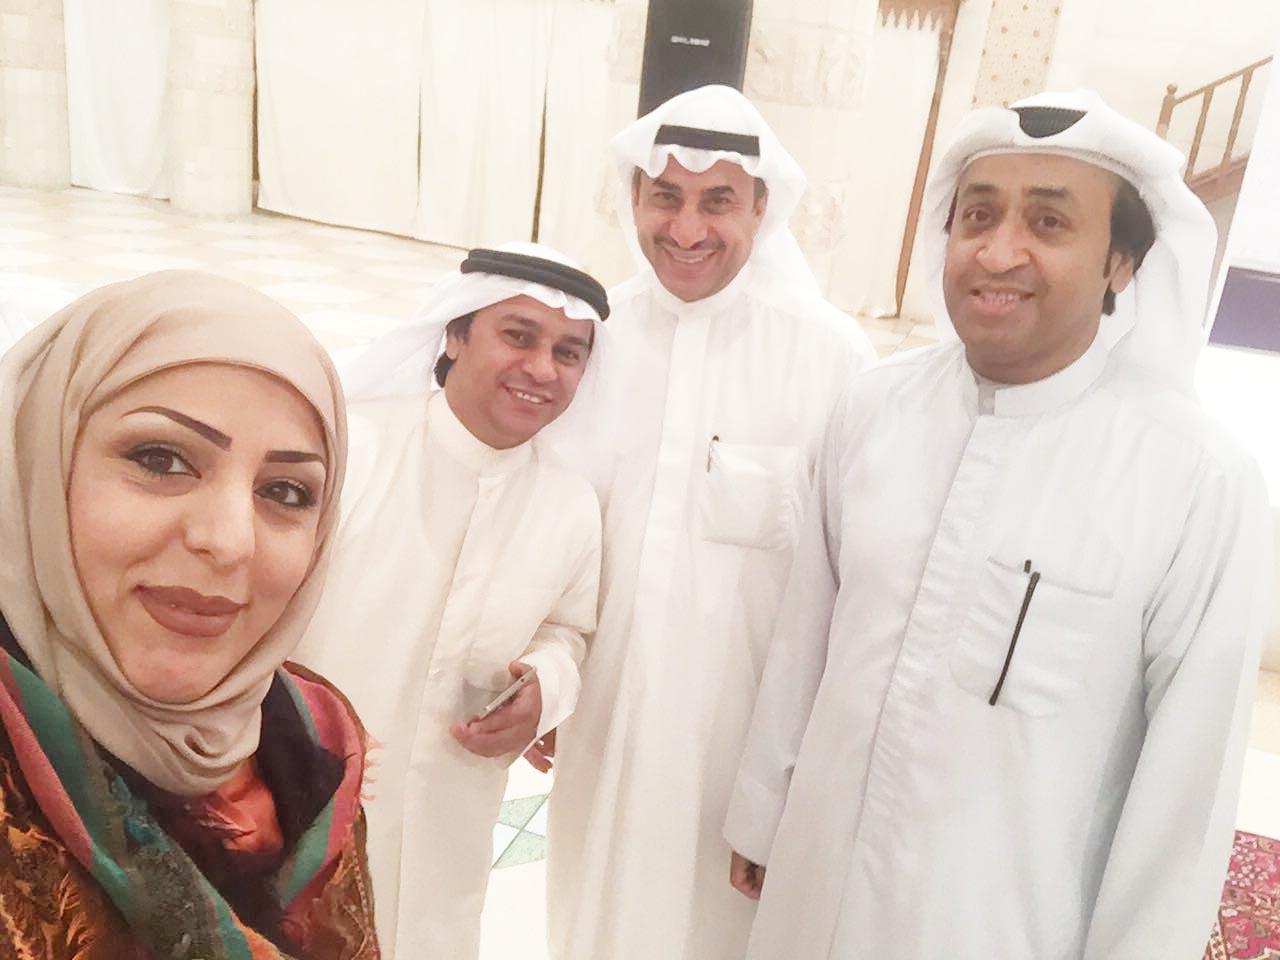 المخرج خالدالراشد والإعلامي حامد العميري والفنان جاسم عباس والناشطة الاجتماعية عبير الجمعة